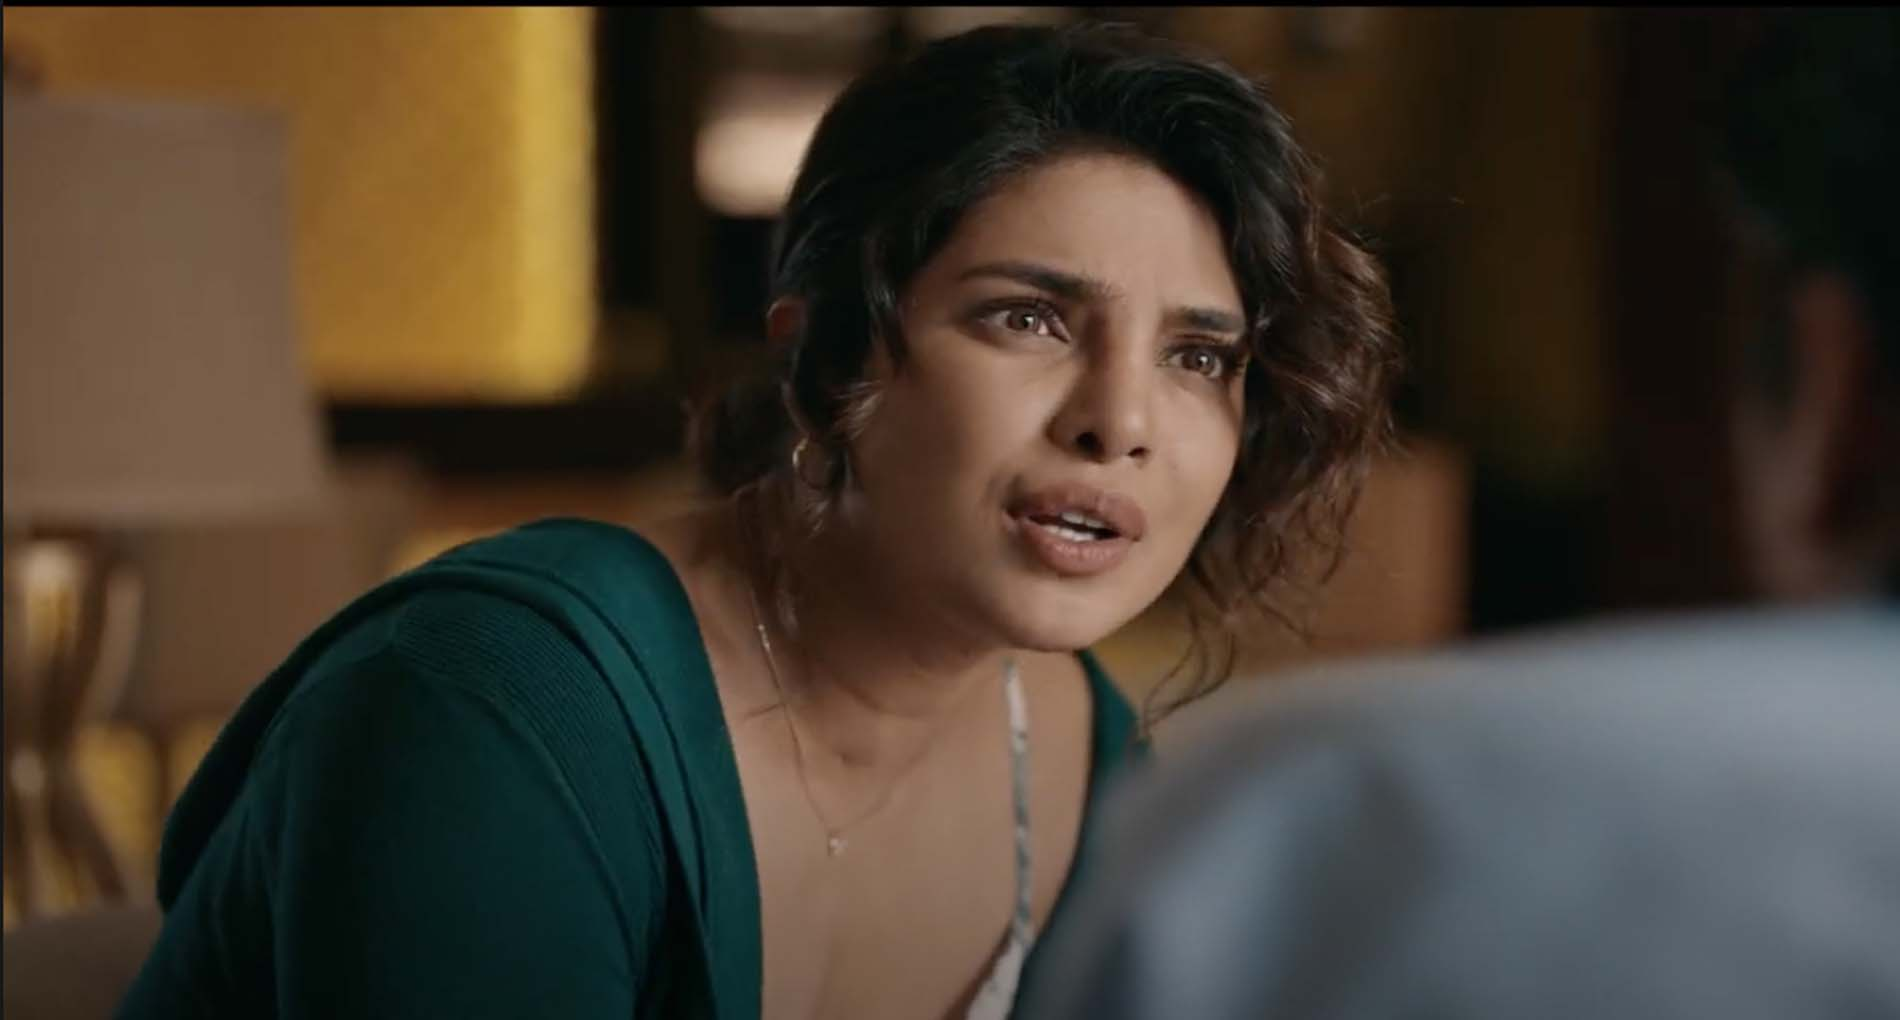 """प्रियंका चोपड़ा ने किया अपनी किताब में चौंकाने वाला खुलासा! """"जब डायरेक्टर ने अंडरगार्मेंट्स…"""""""